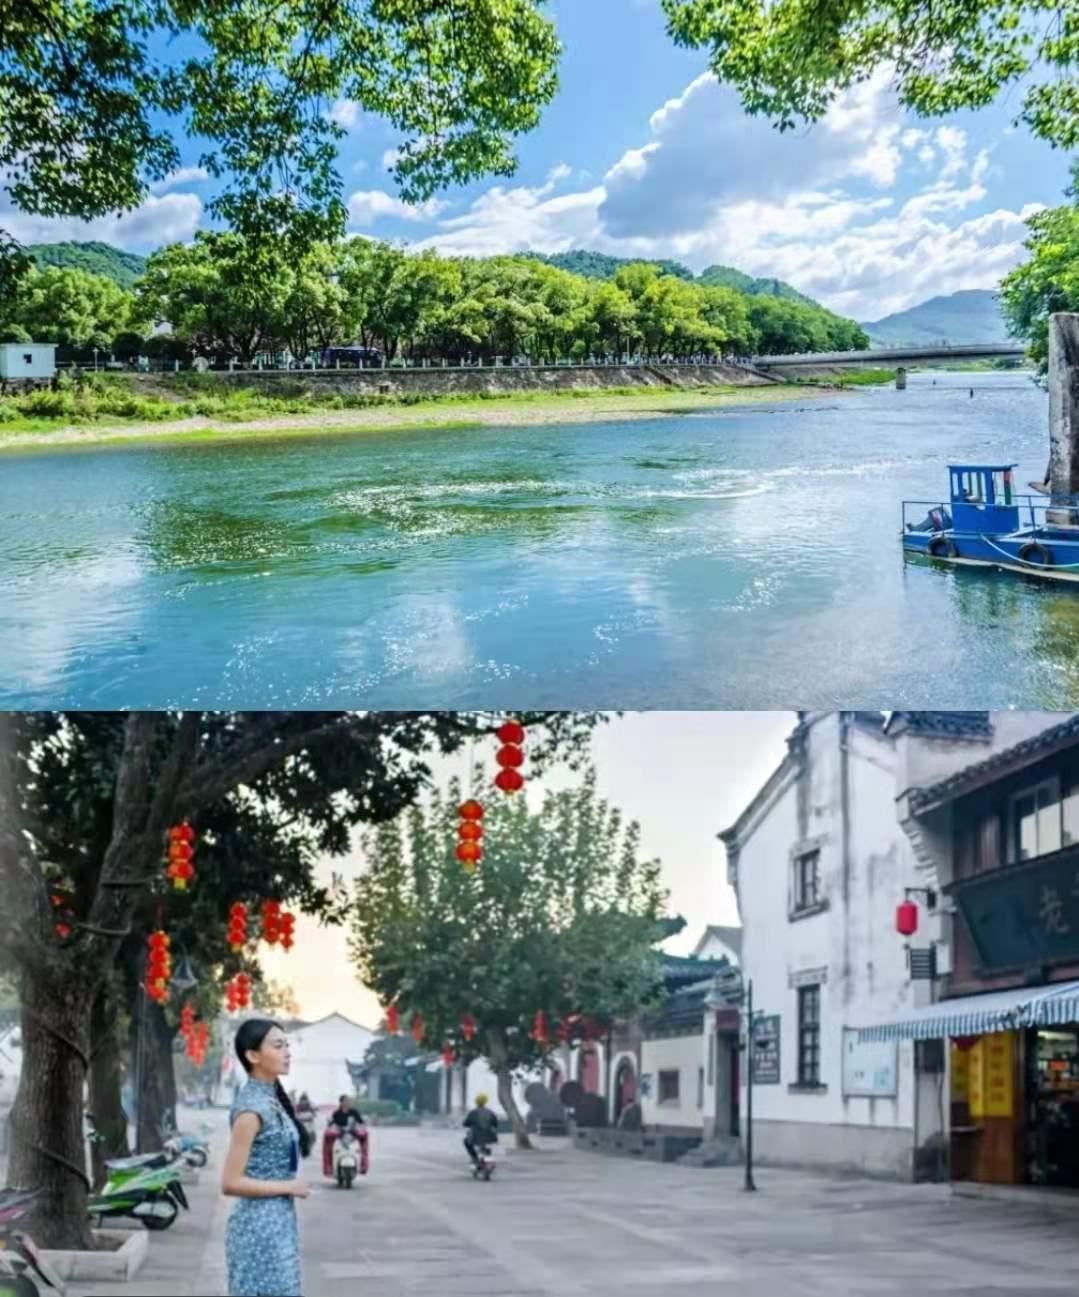 端午去哪玩?宁波有一条绝美避暑线路,满屏都是夏日小清新